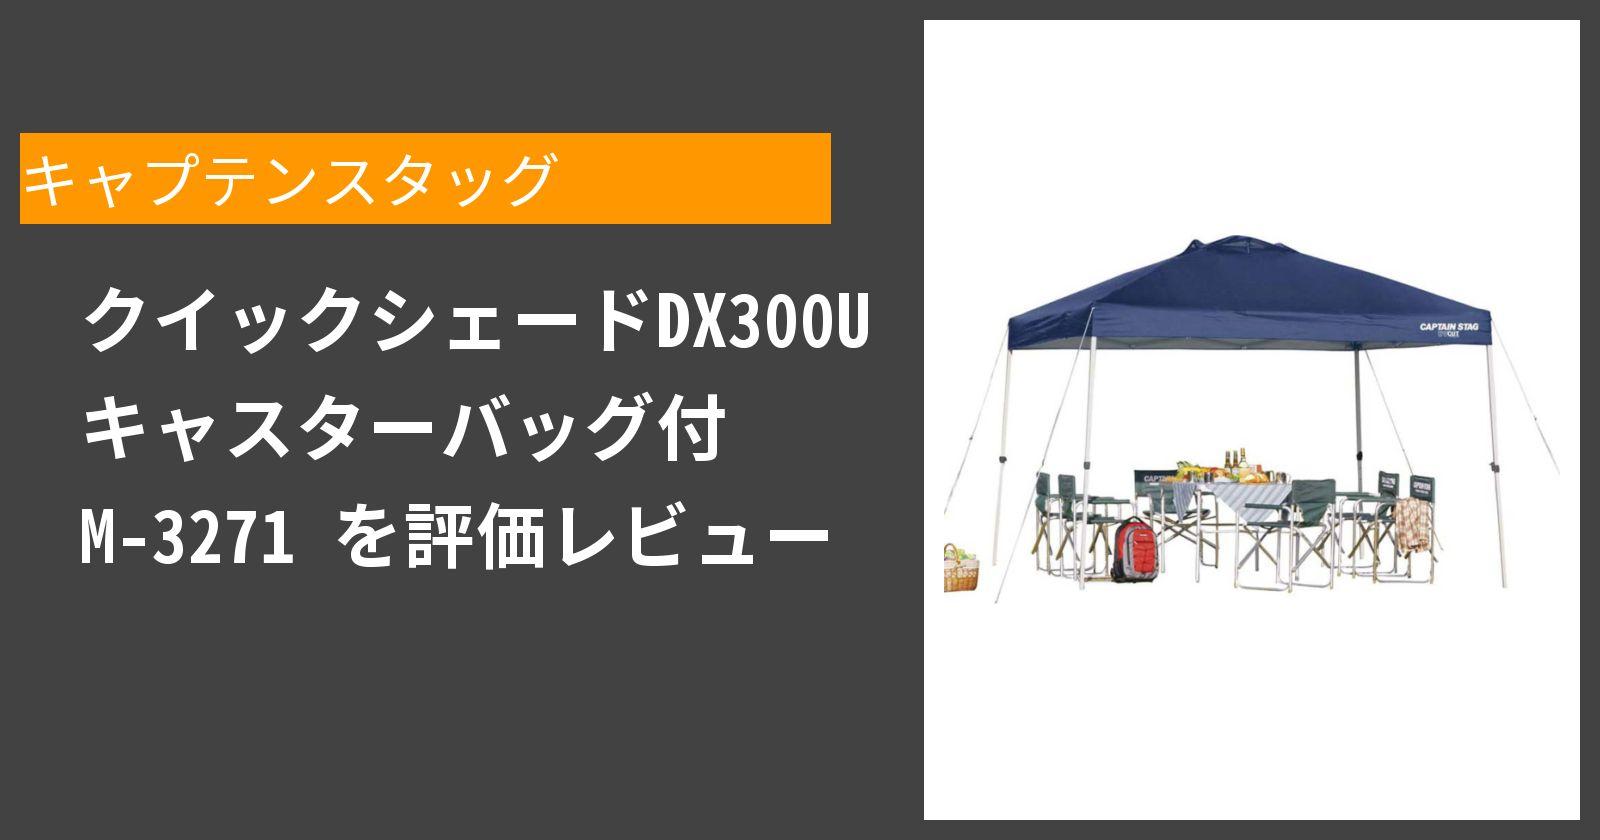 クイックシェードDX300UV-S キャスターバッグ付 M-3271を徹底評価